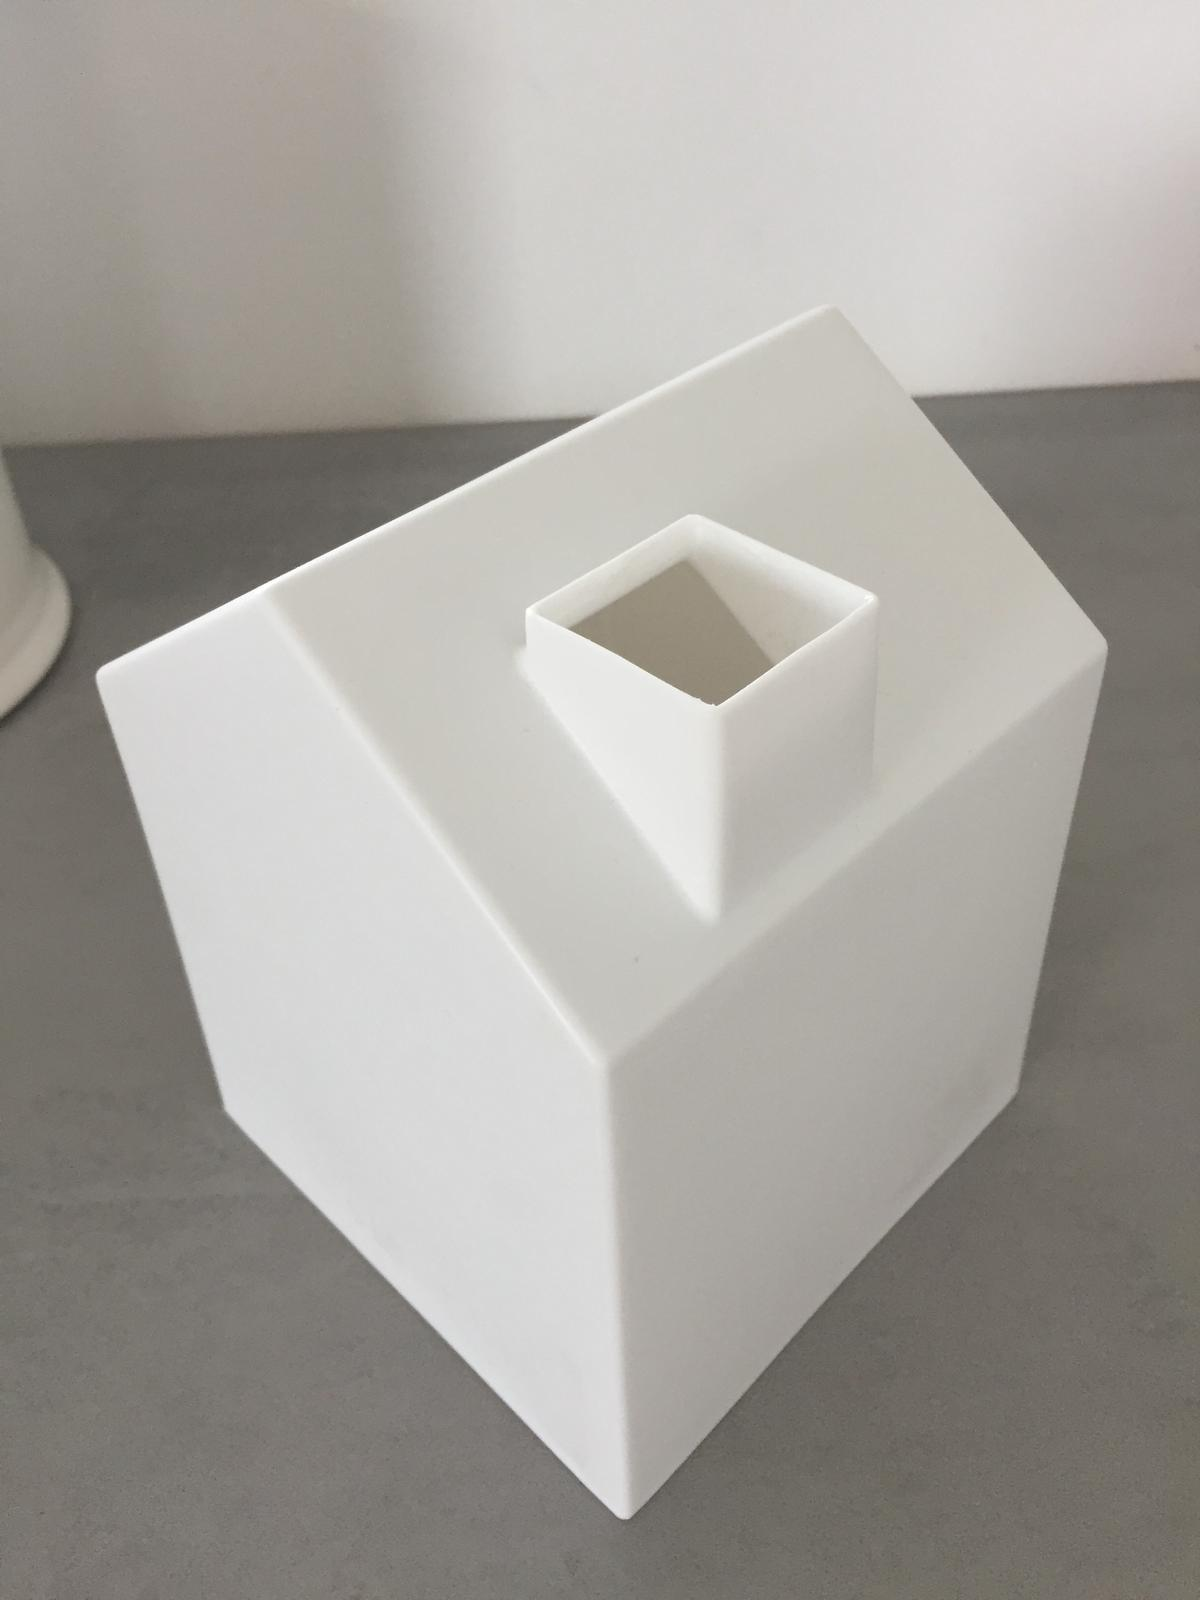 Krabička na papírové kapesníky Domeček - Obrázek č. 2